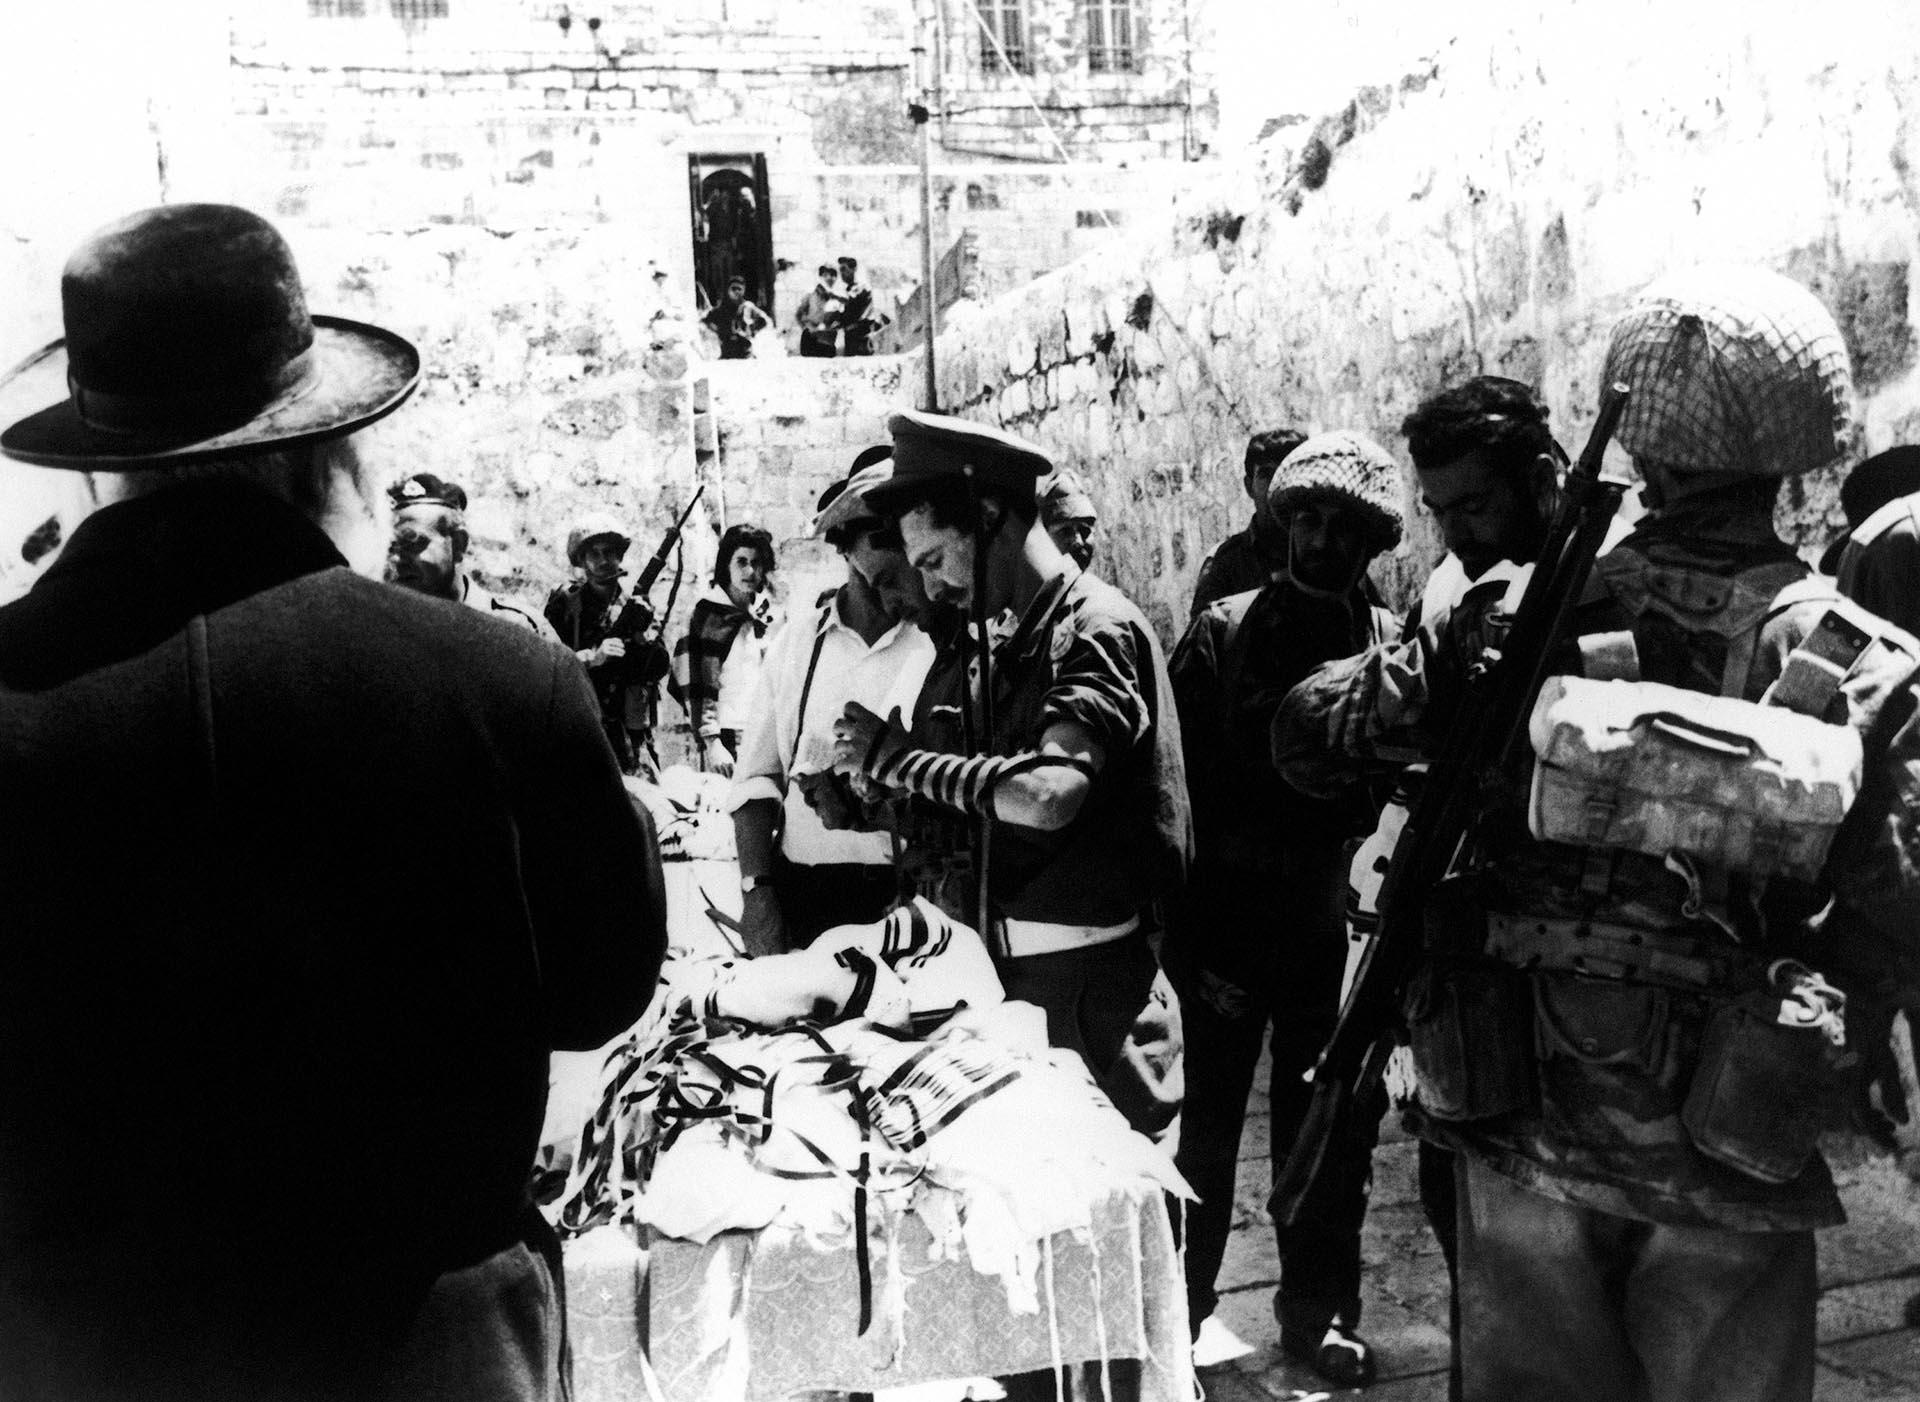 8 de junio de 1967. Judíos ortodoxos y soldados rezan ante el Muro de los Lamentos en Jerusalén, un día después de su captura de manos de los jordanos. (AP)